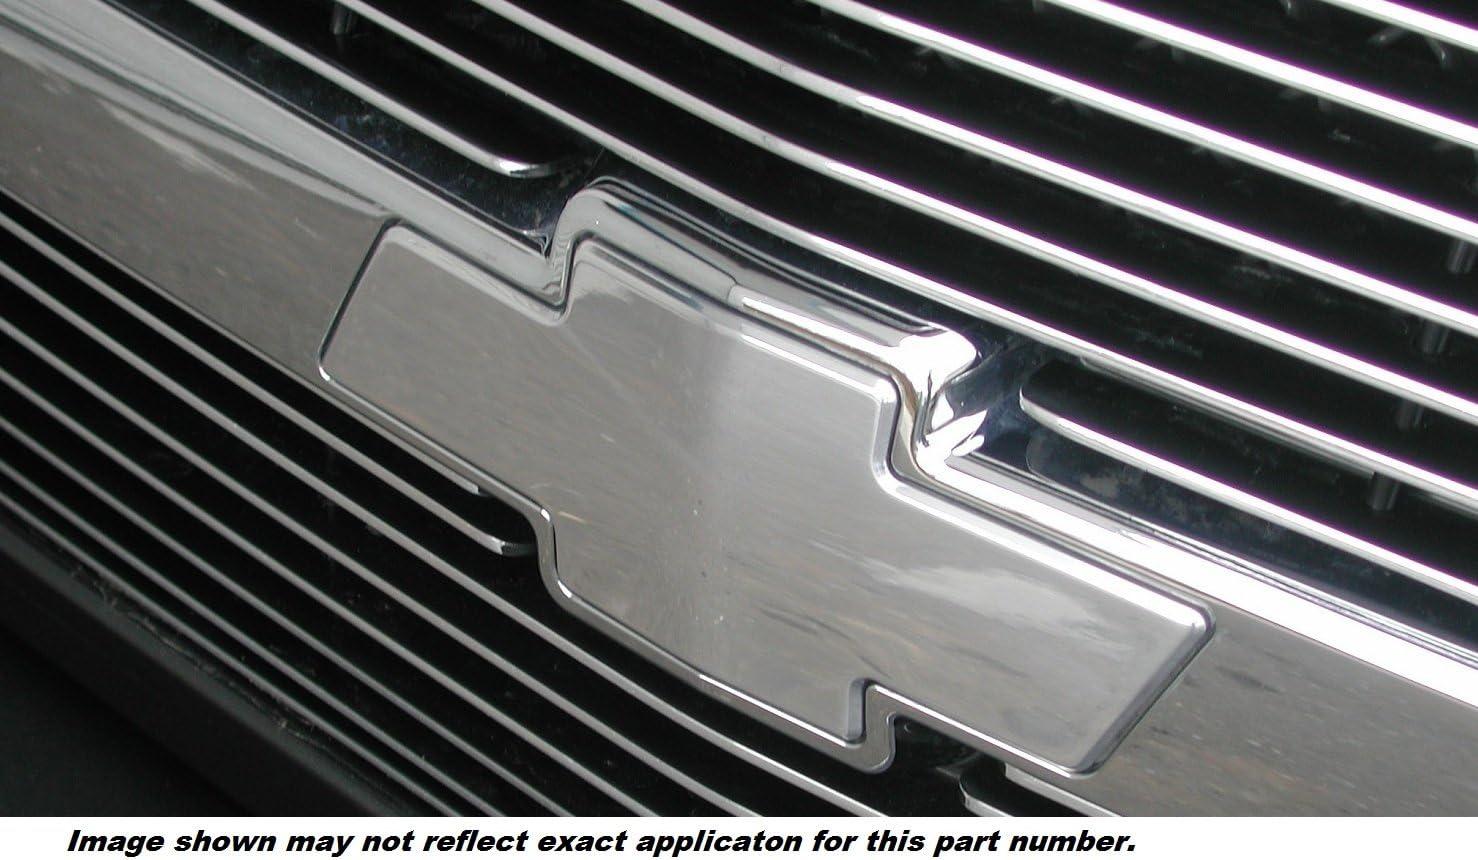 Inc 96195P Grille Emblem AllSales Mfg